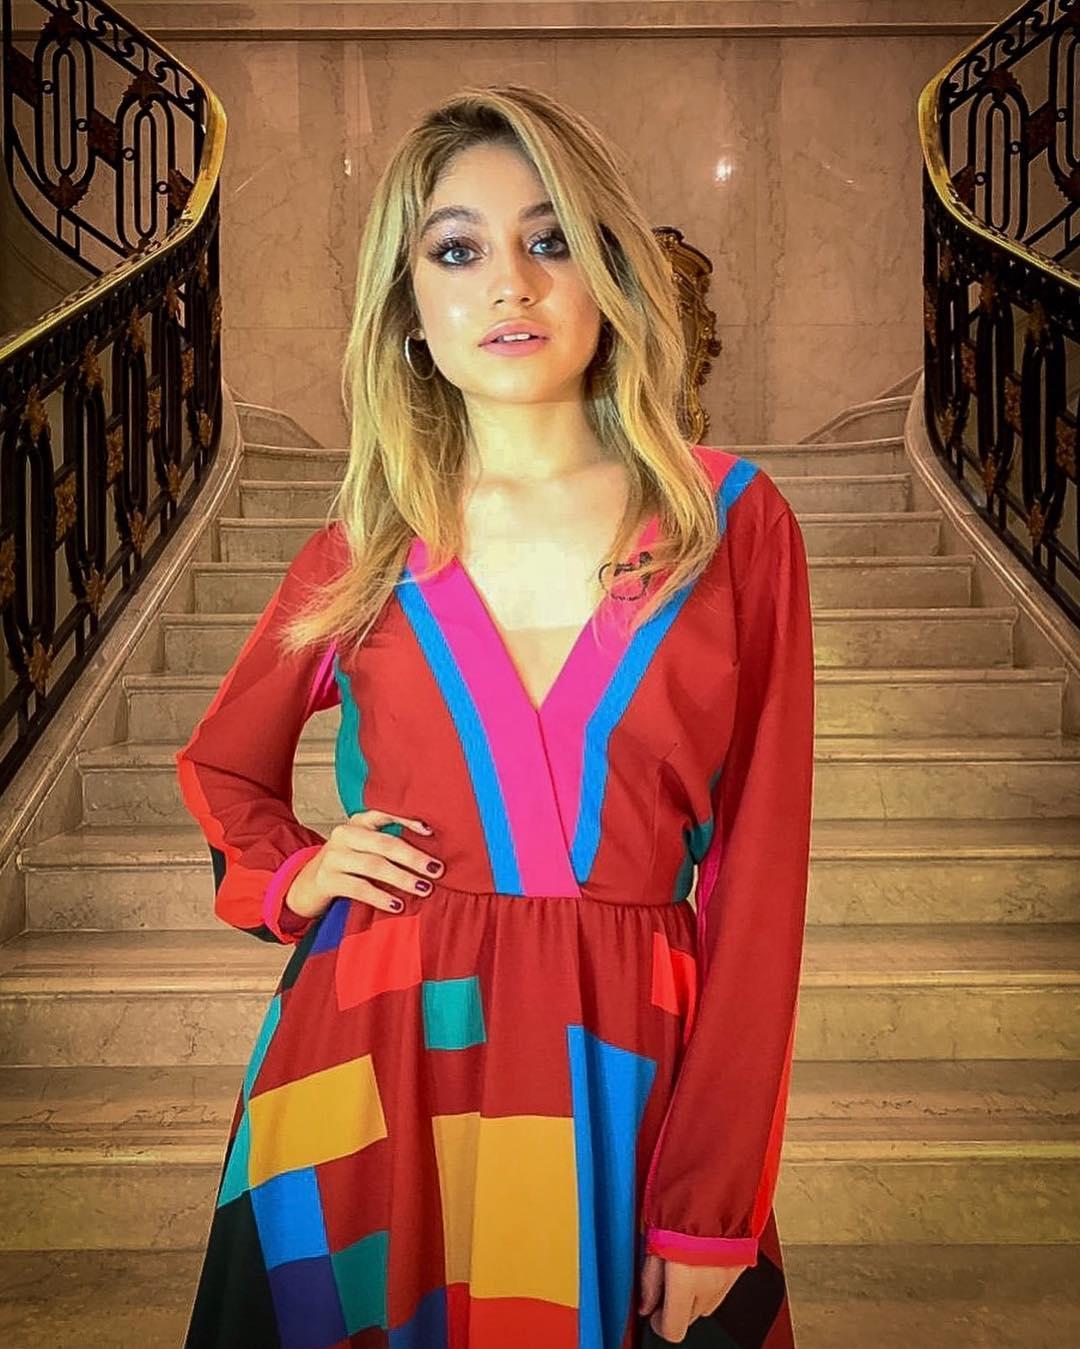 Karol-Sevilla-Wallpapers-Insta-Fit-Bio-1